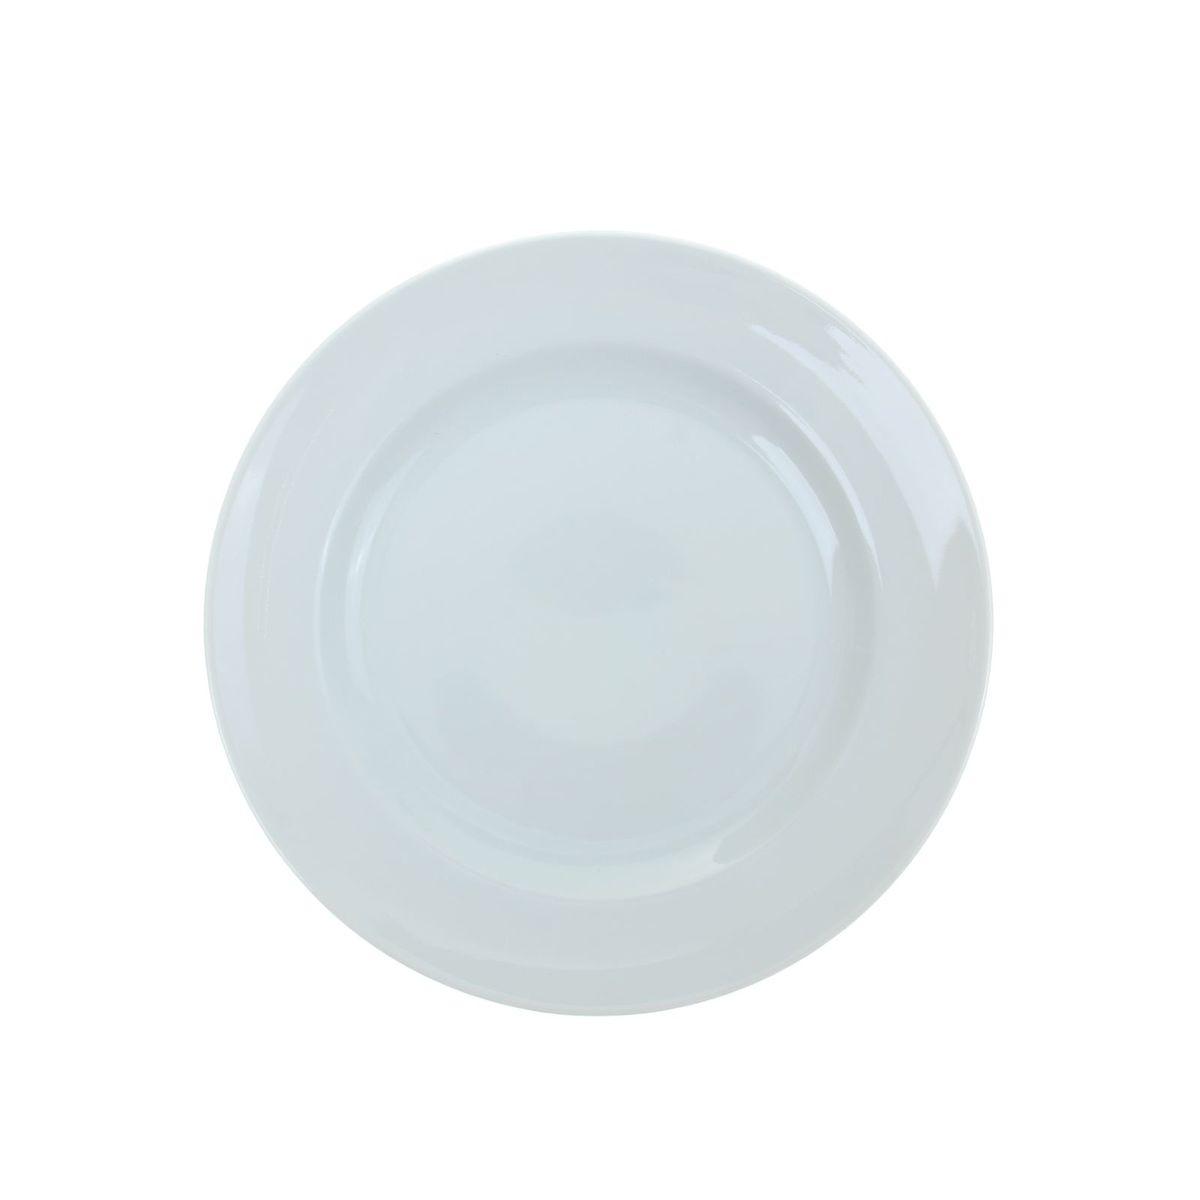 Тарелка мелкая Идиллия. Белье, диаметр 24 см1035427Мелкая тарелка Идиллия. Белье выполнена из высококачественного фарфора. Она прекрасно впишется в интерьер вашей кухни и станет достойным дополнением к кухонному инвентарю. Тарелка Идиллия. Белье подчеркнет прекрасный вкус хозяйки и станет отличным подарком. Диаметр тарелки: 24 см.